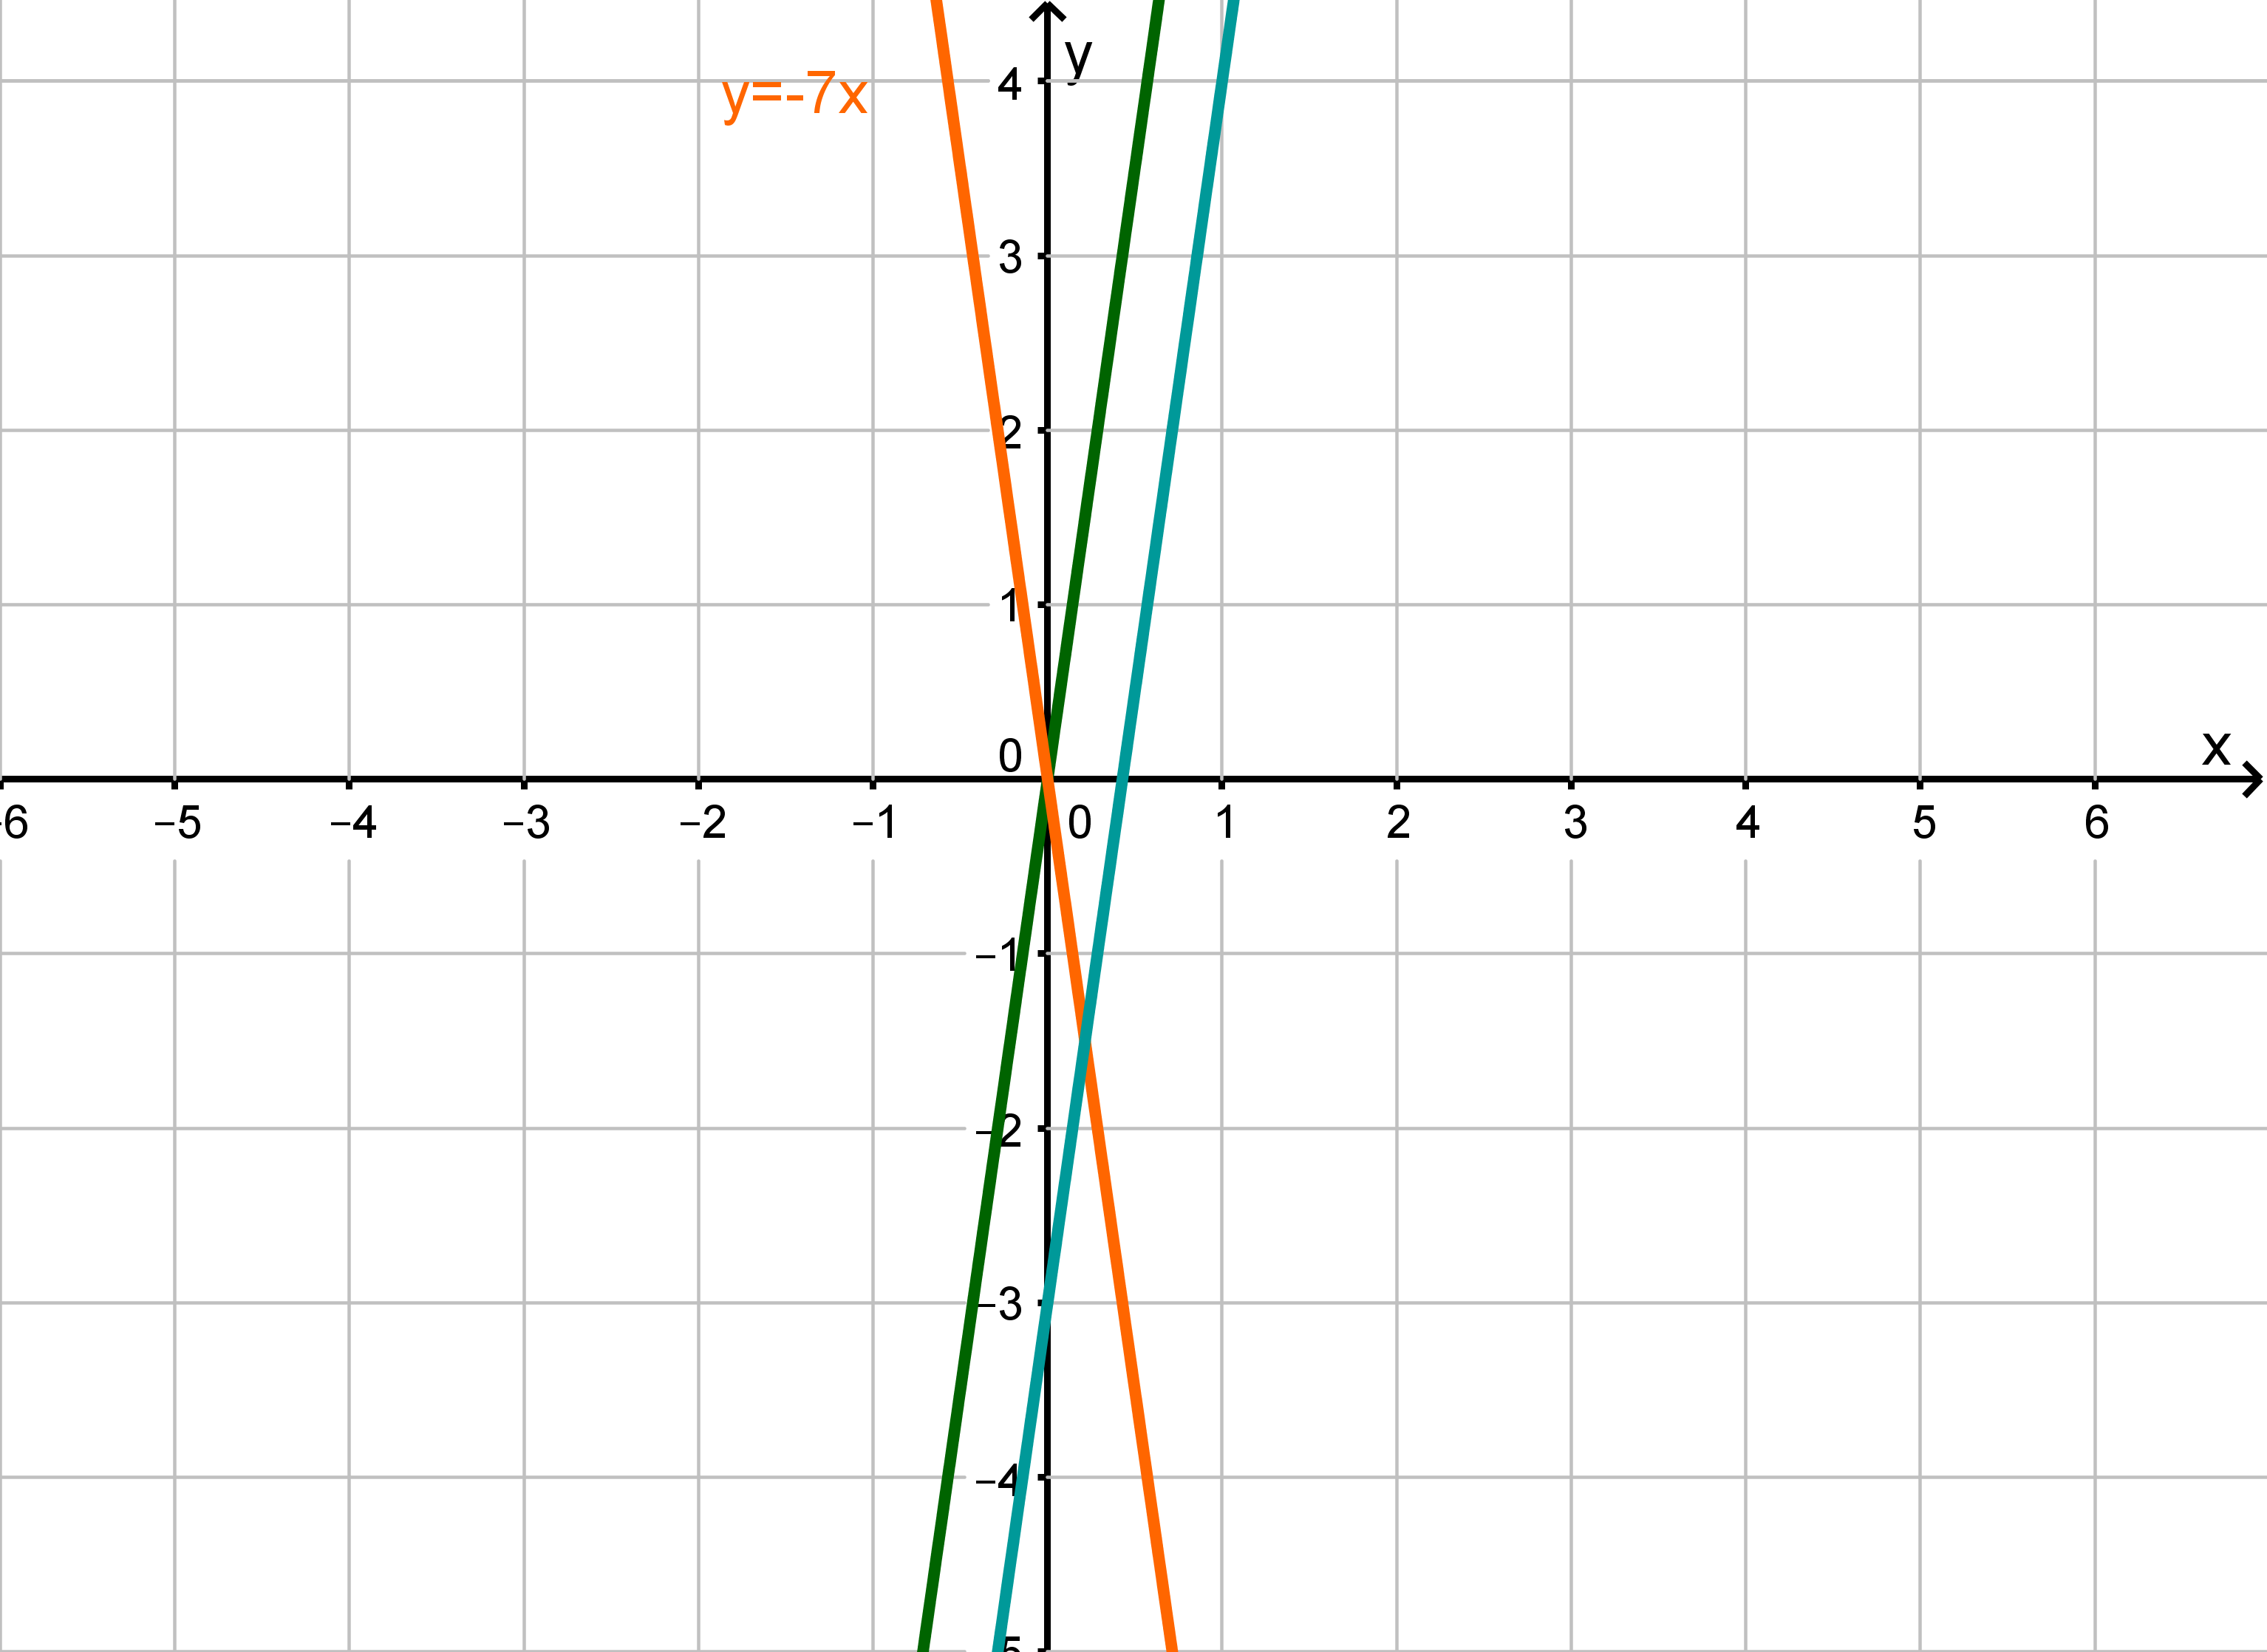 Graph mit Gerade, Spiegelung der Gerade und Verschiebung der Gerade